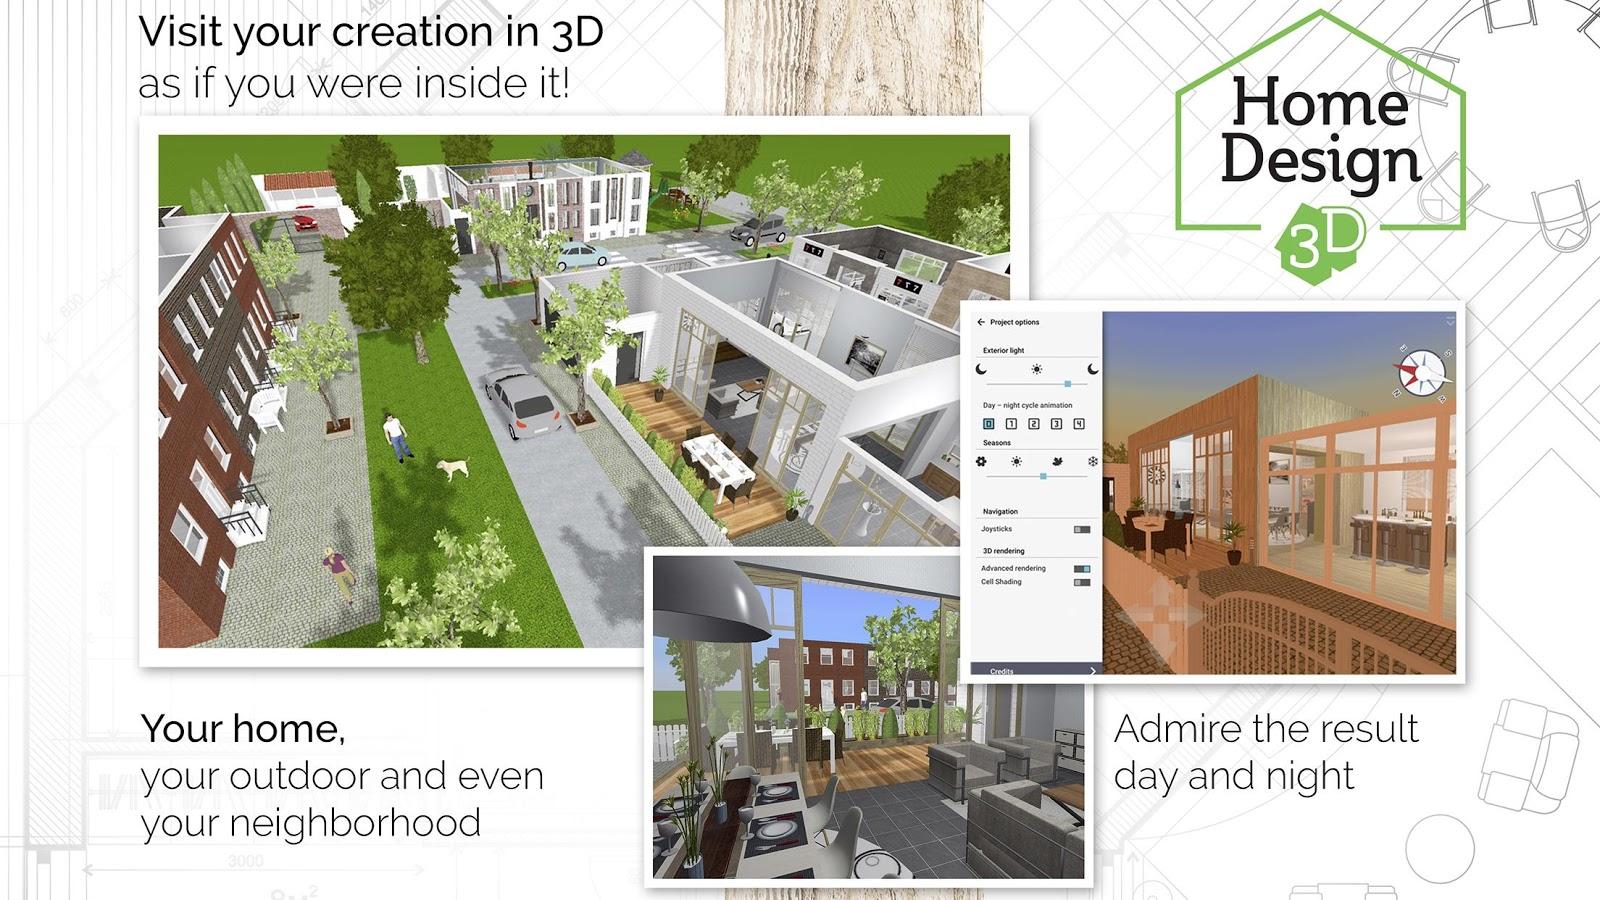 home design 3d freemium 4 1 2 apk obb data file download